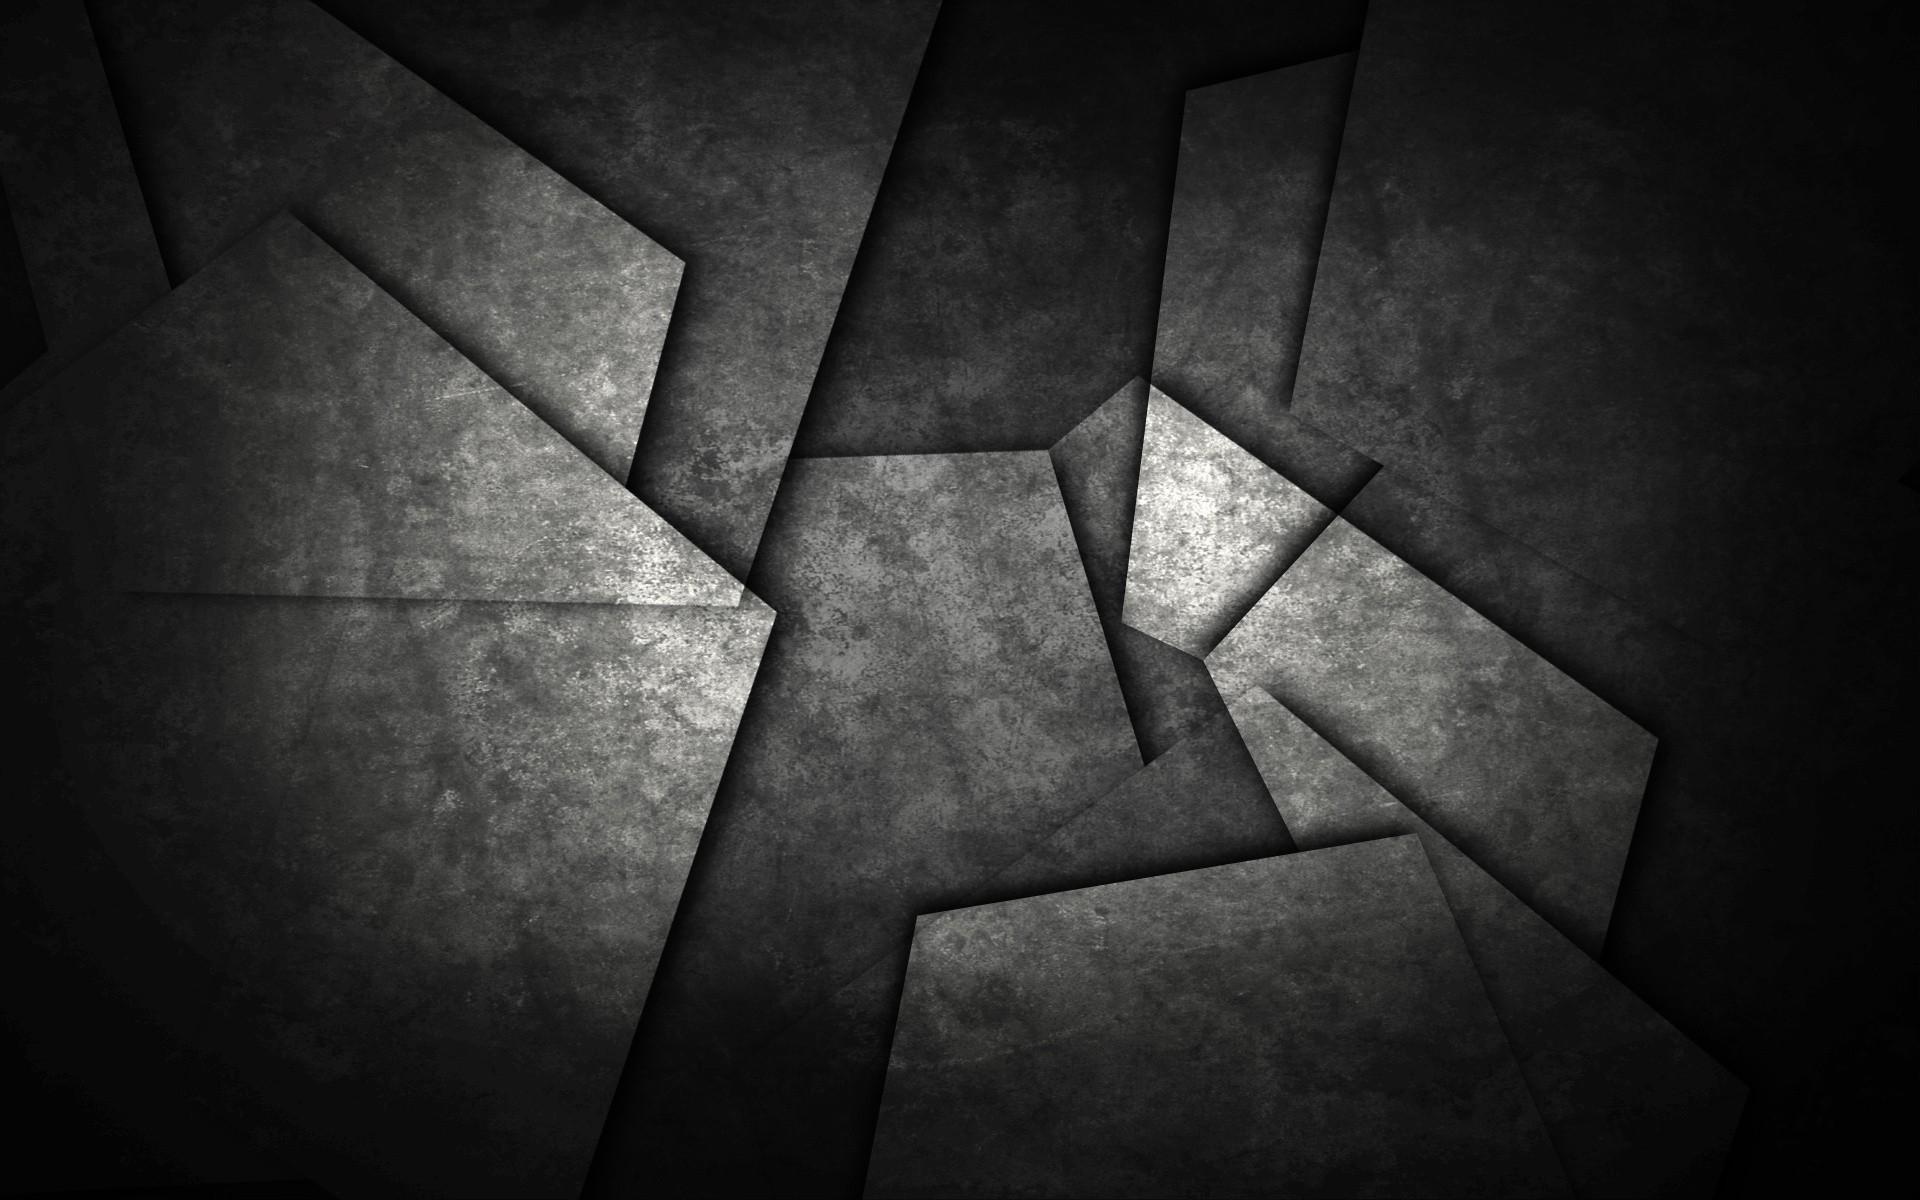 Hintergrundbilder Weiß Schwarz Einfarbig Abstrakt